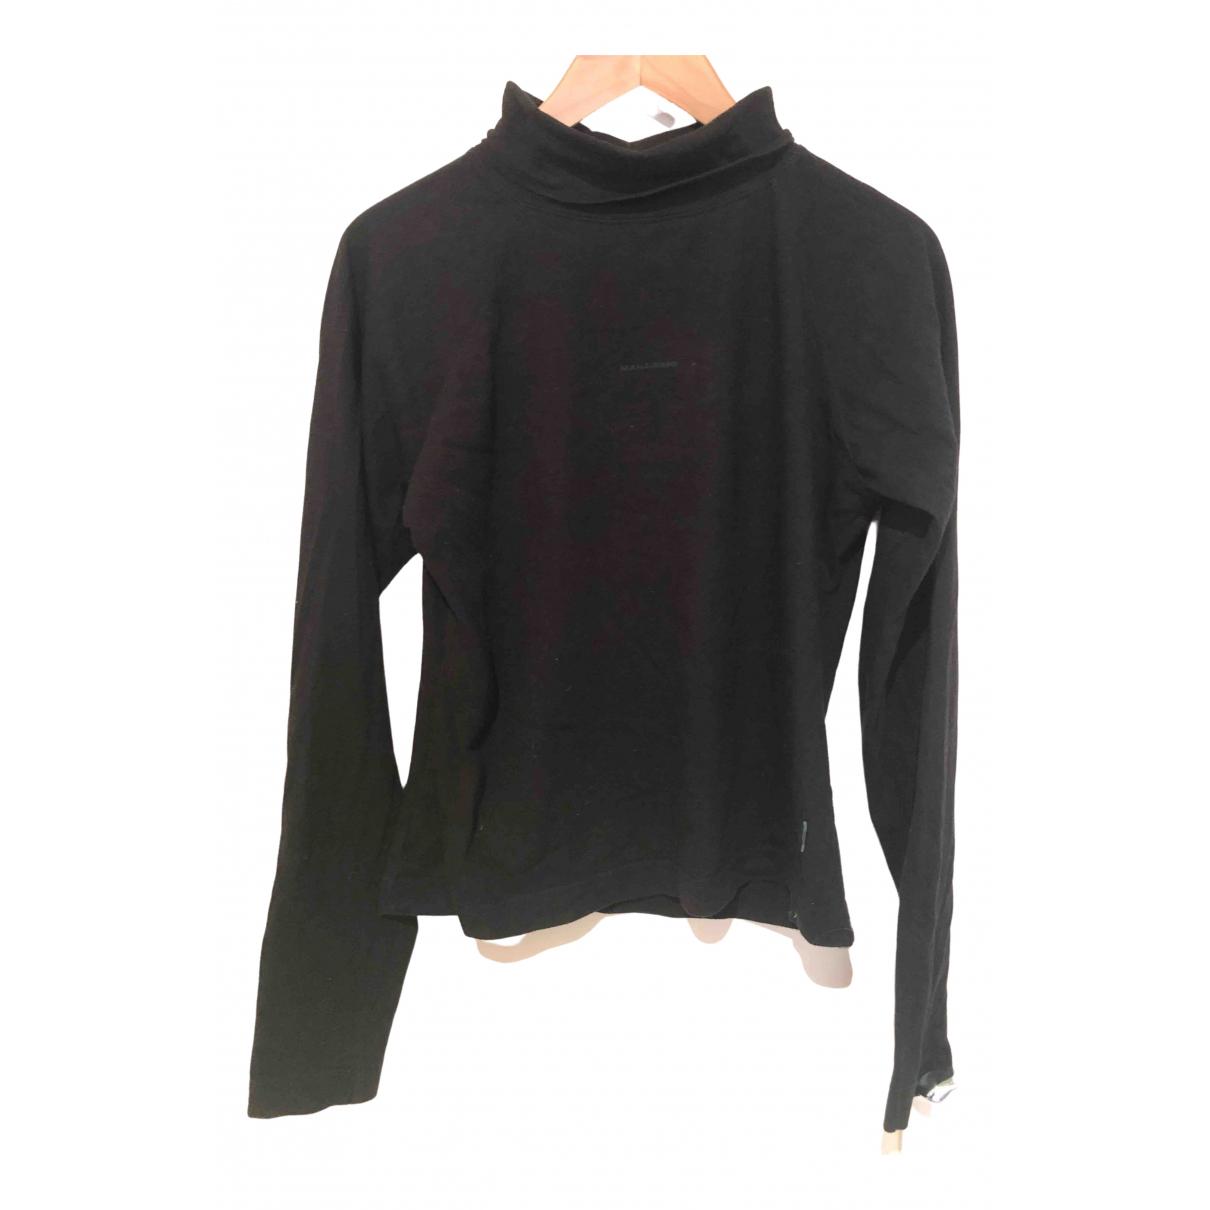 Maharishi \N Black Cotton  top for Women 14 UK